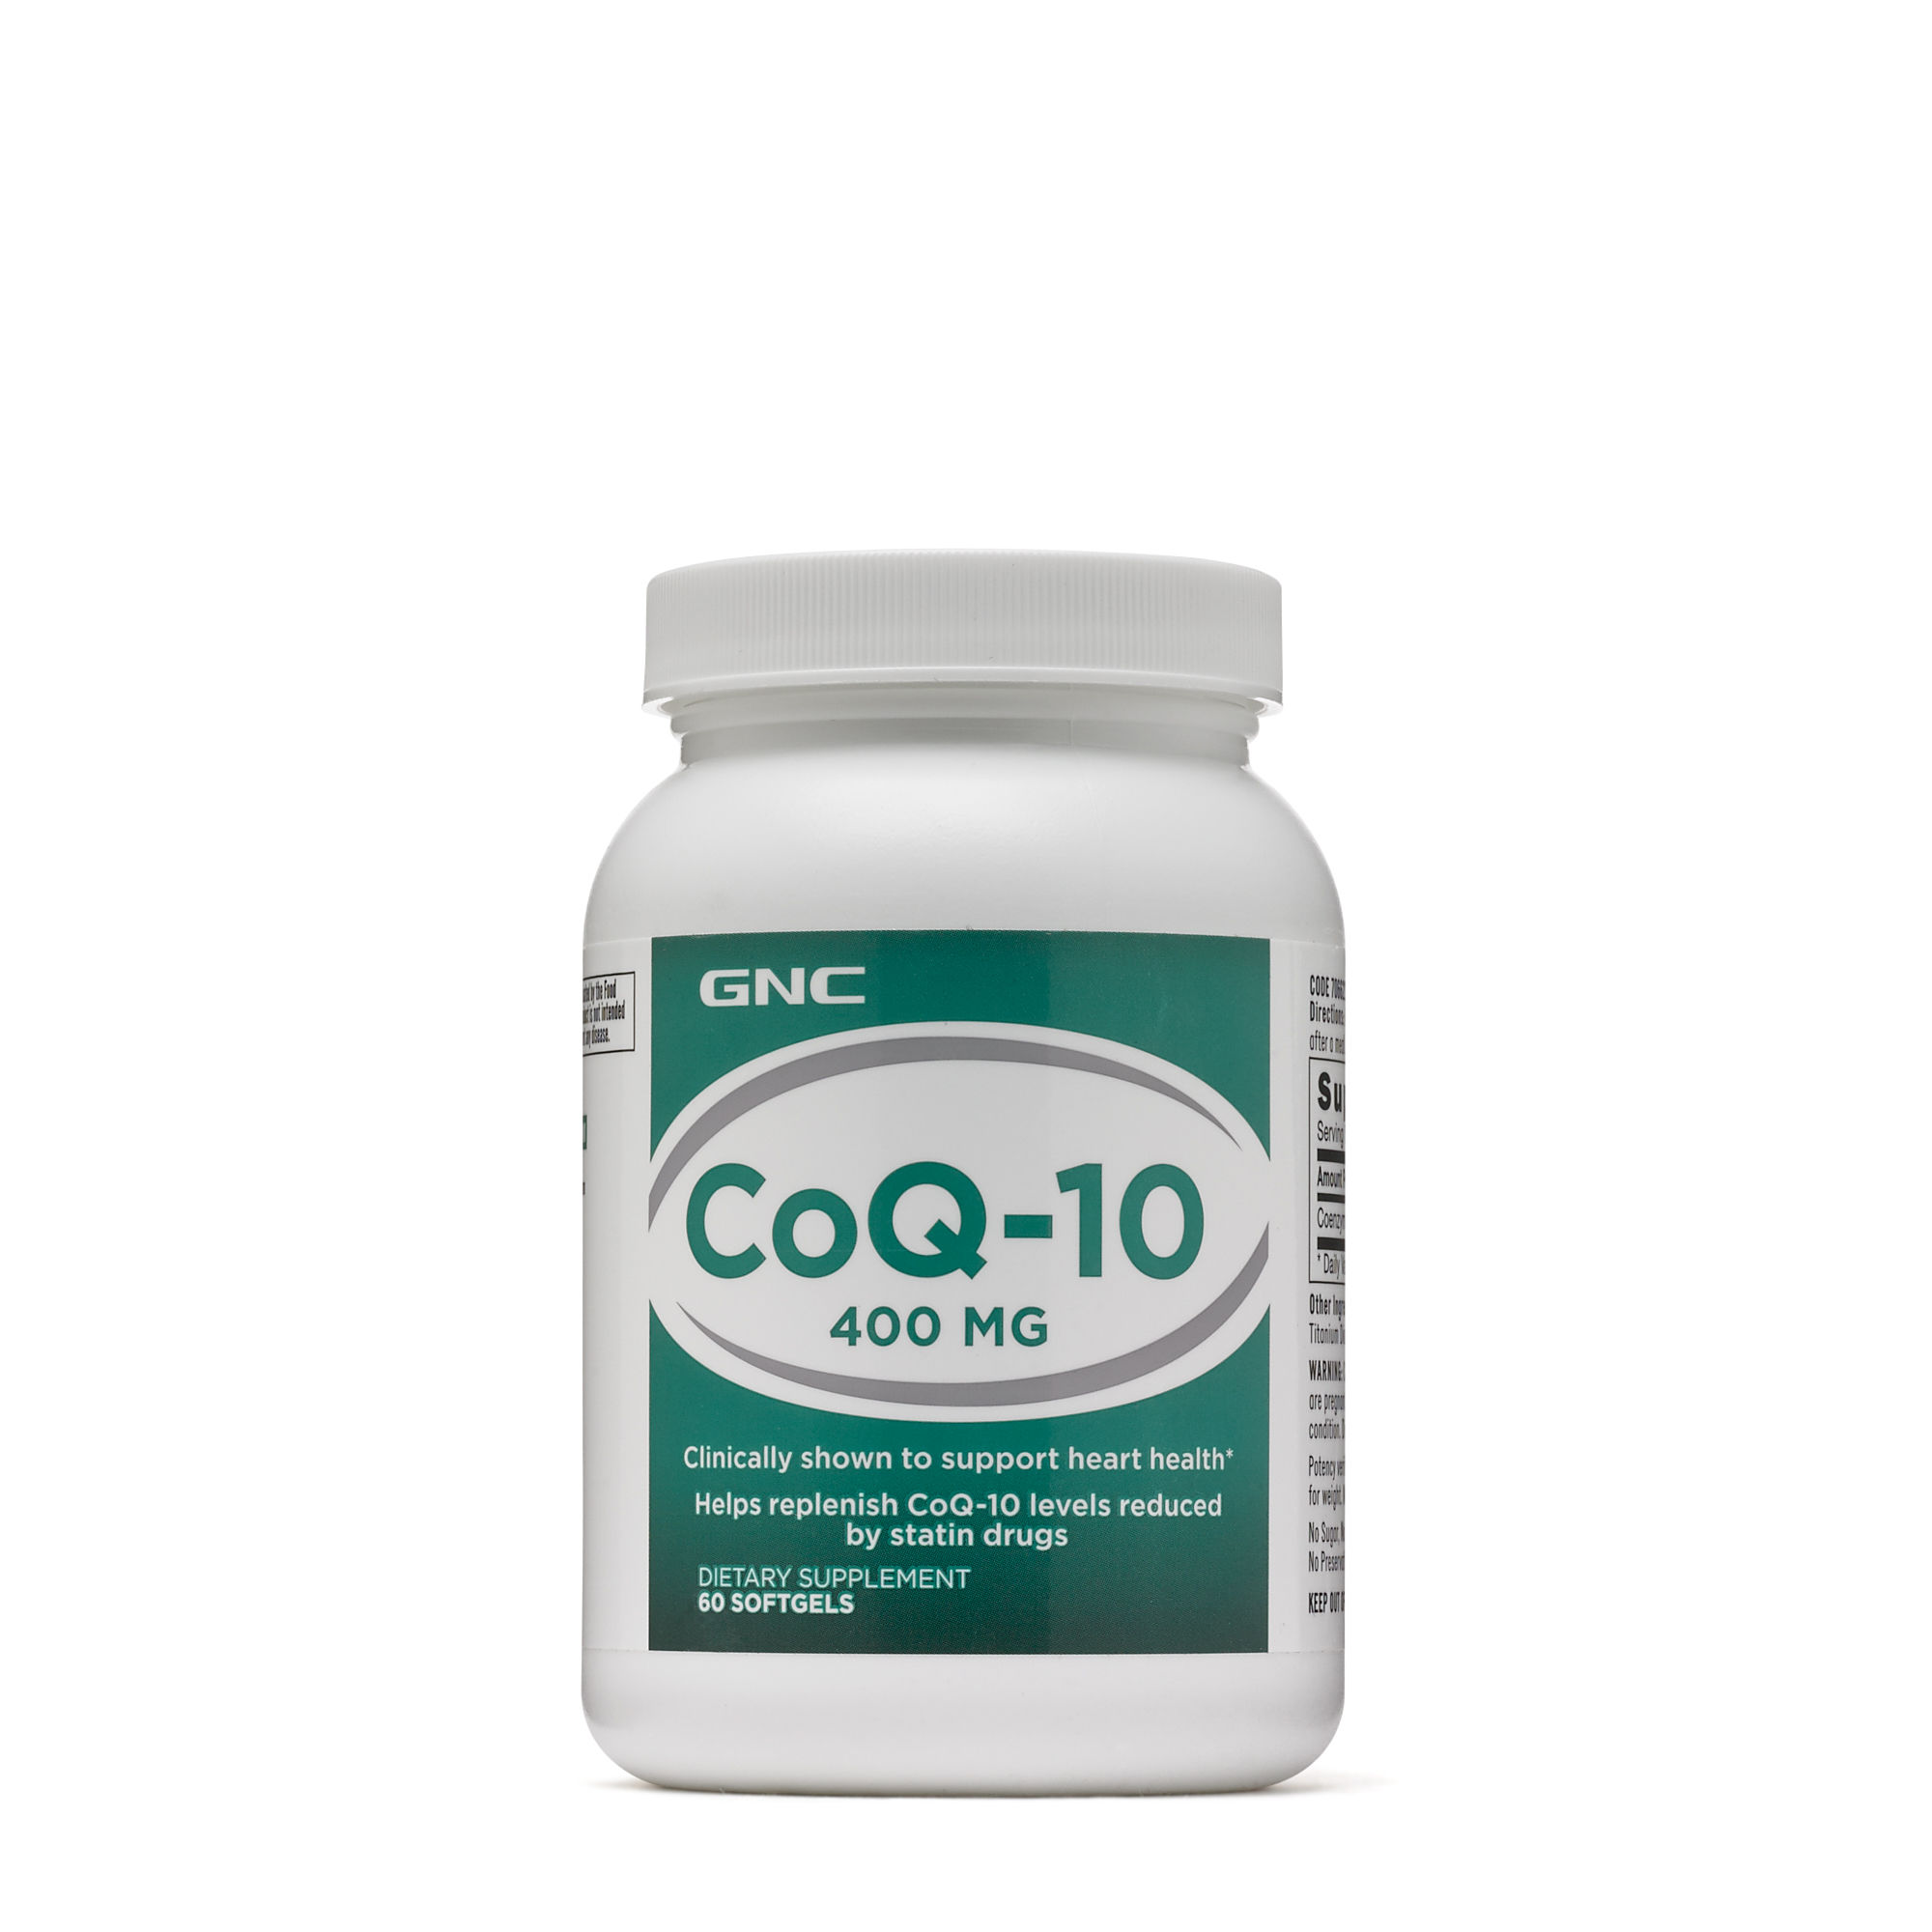 Thực Phẩm Chức Năng Hỗ trợ tim mạch GNC CoQ-10  400 mg chai 60 viên